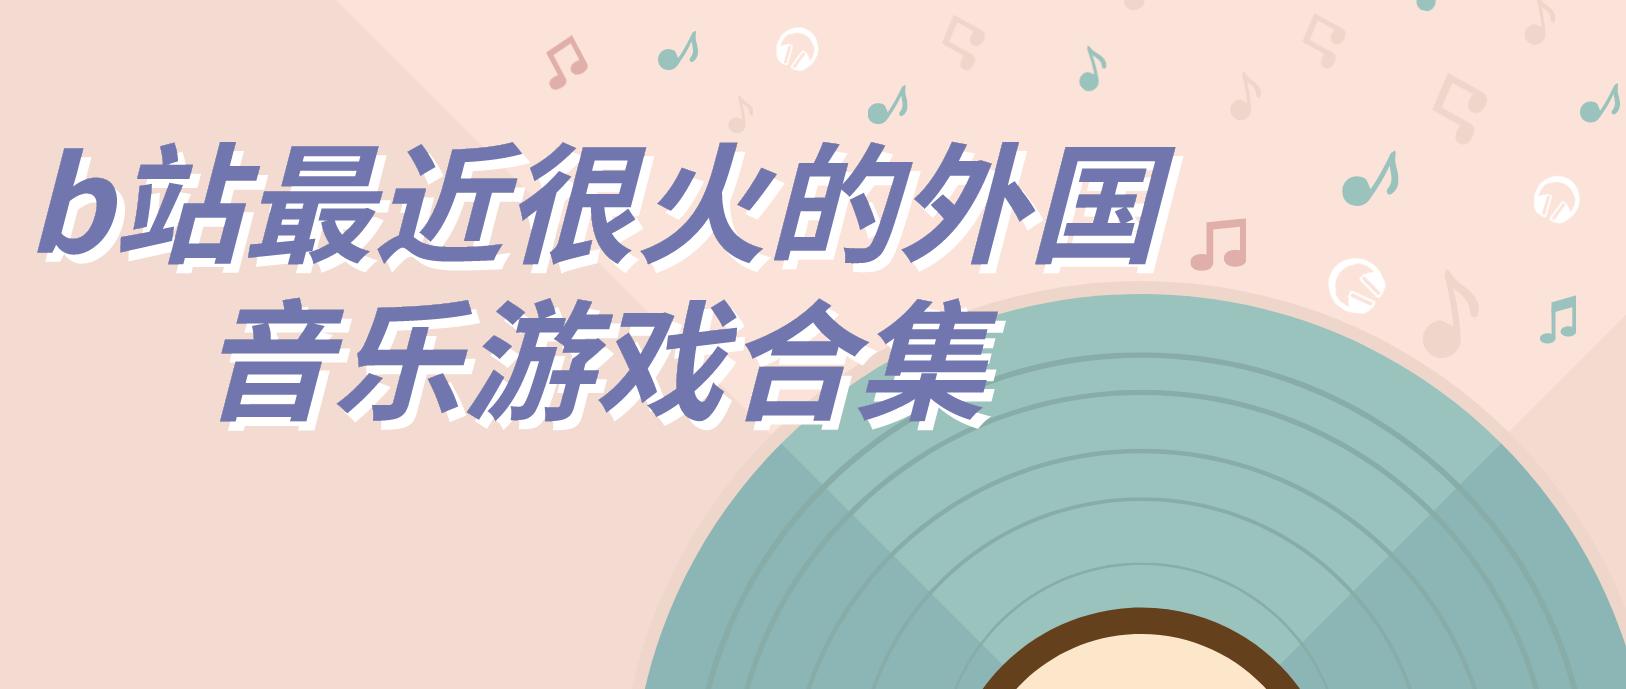 b站最近很火的外国音乐游戏合集